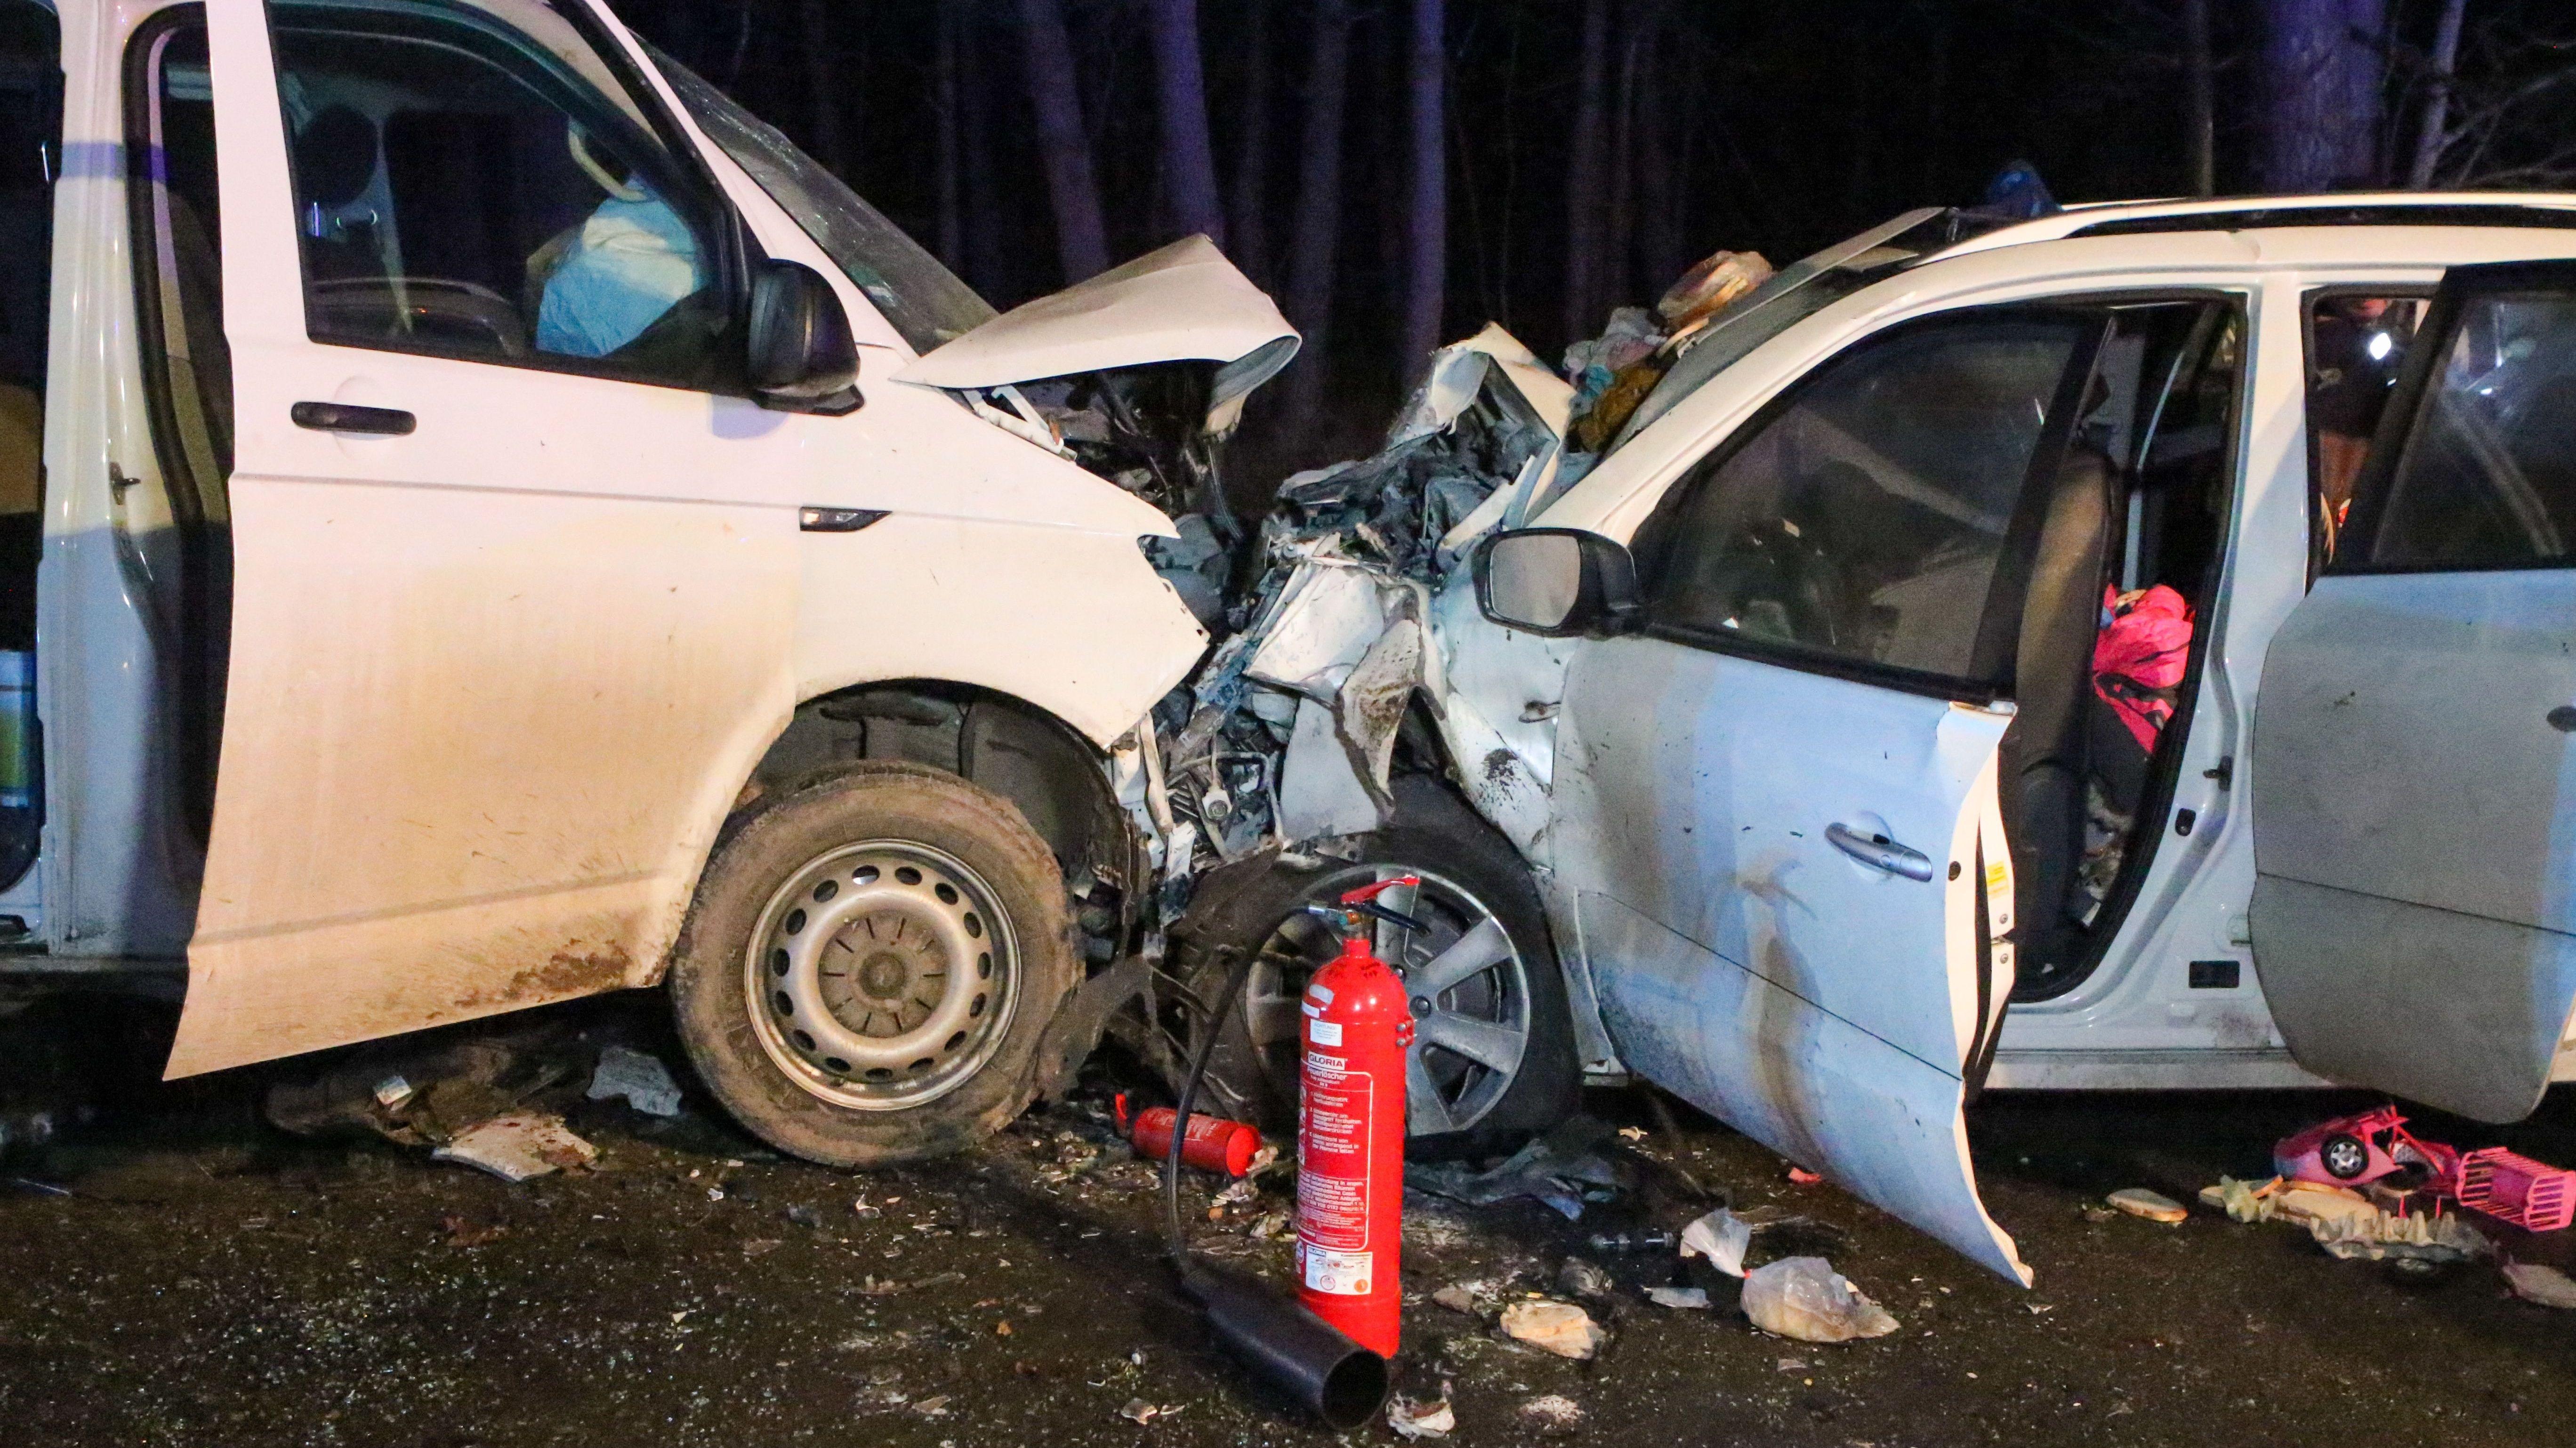 Zwei nach dem einem Aufprall zerstörte Fahrzeuge auf der B2 bei Wernsbach.